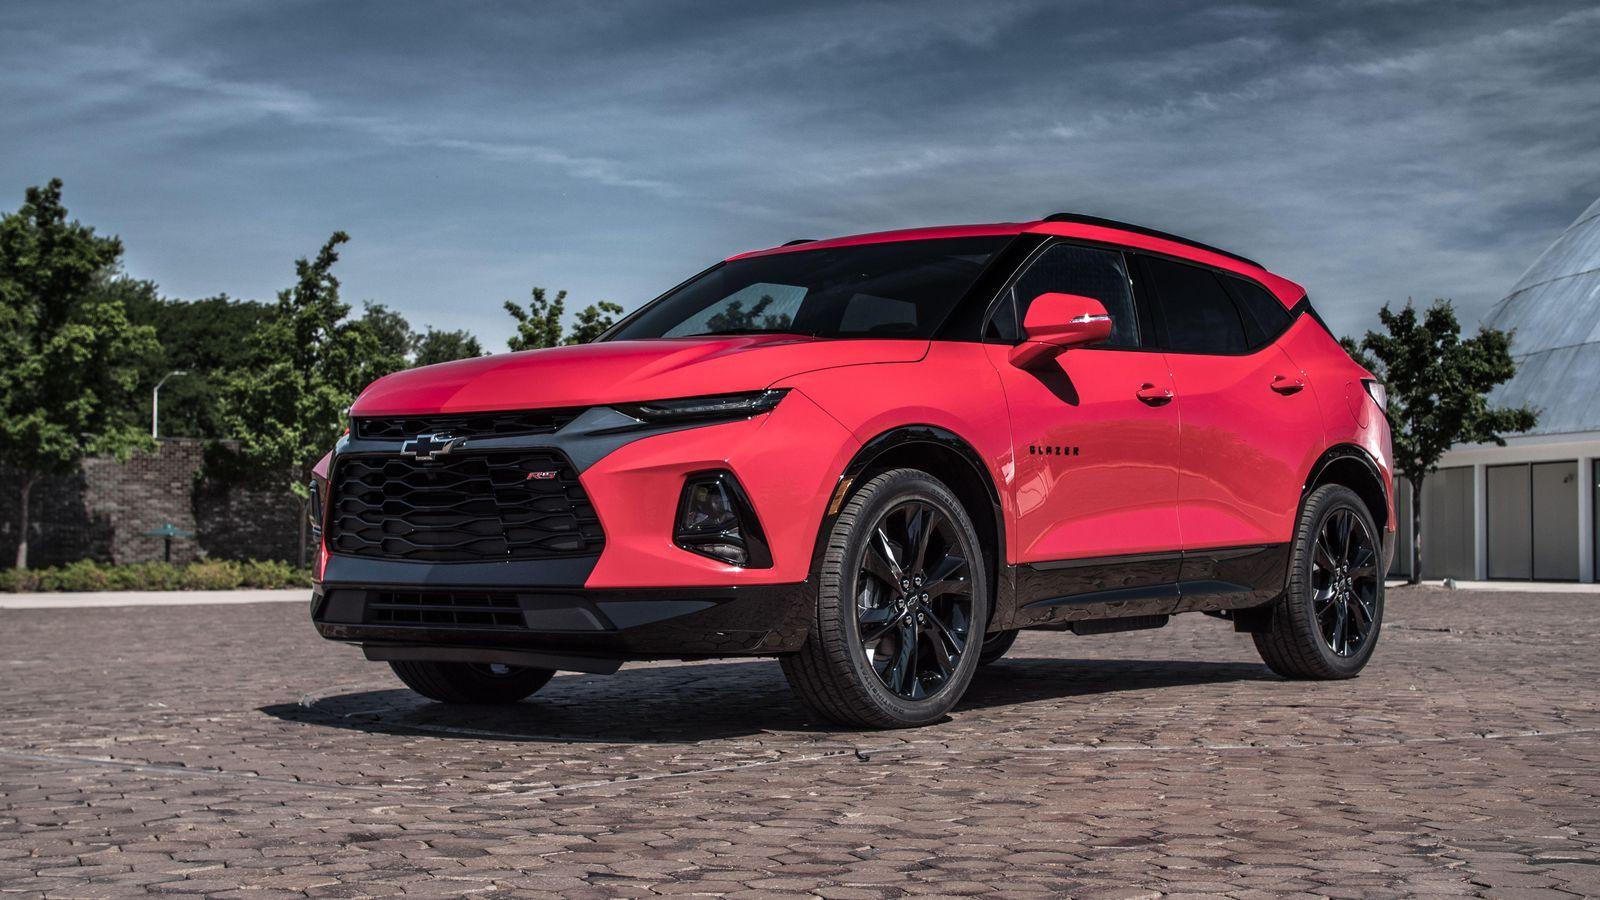 2019 Chevy Blazer Looks To The Camaro For Design Inspiration Chevrolet Suv Chevrolet Blazer Chevy Trucks